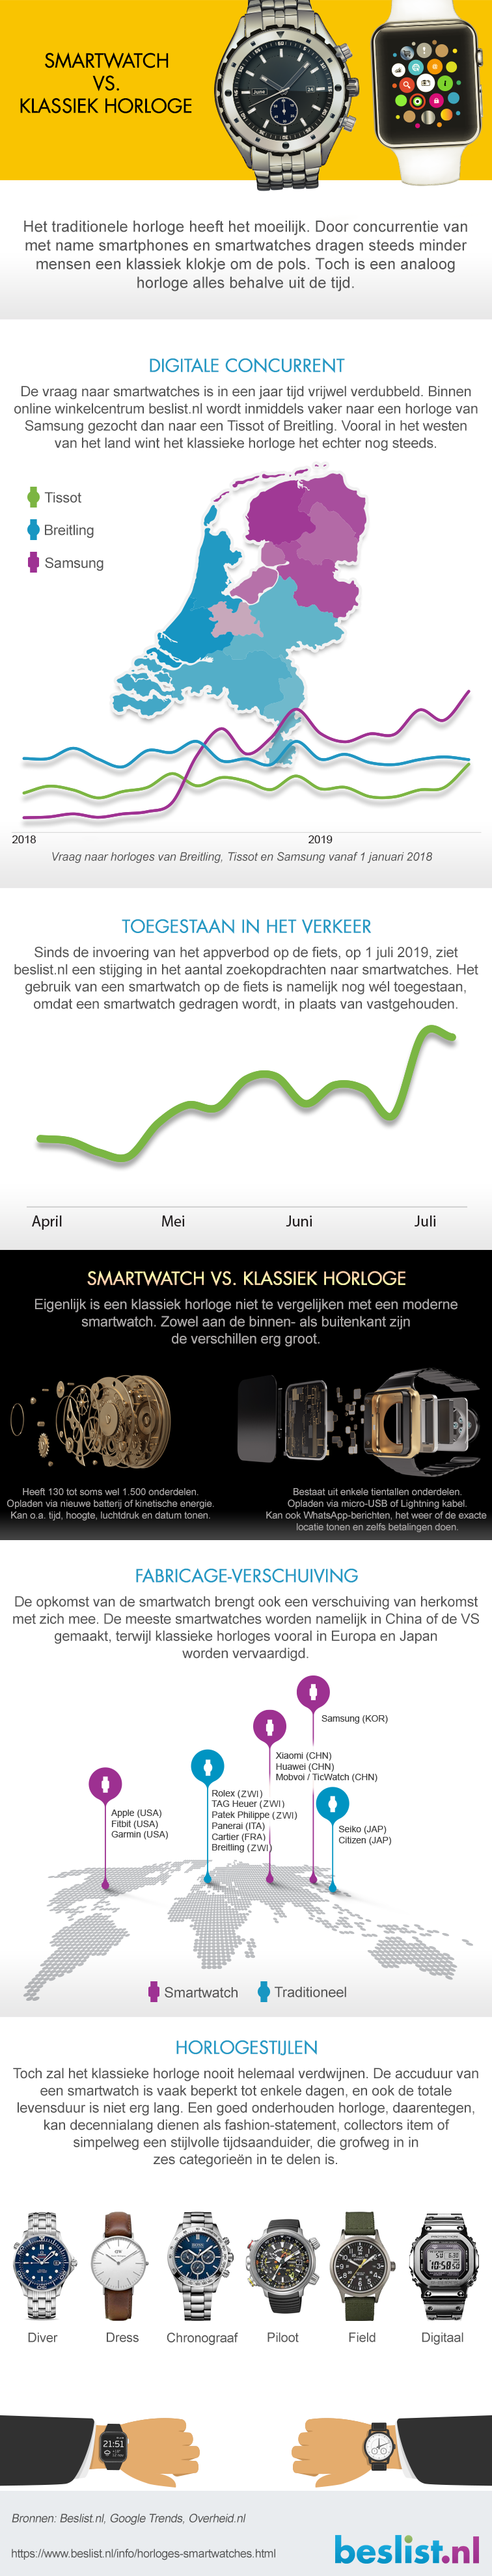 Infographic: Smartwatches vs klassieke horloges